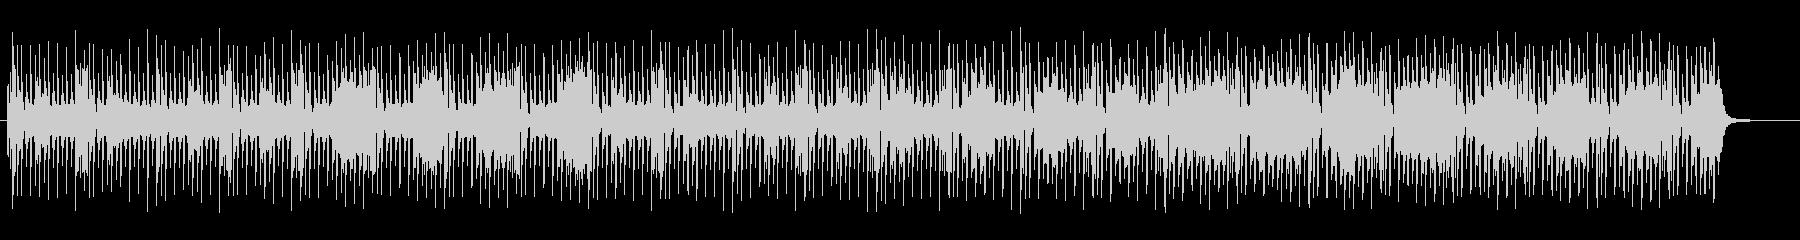 マイナーでリズミカルなメロディーポップの未再生の波形